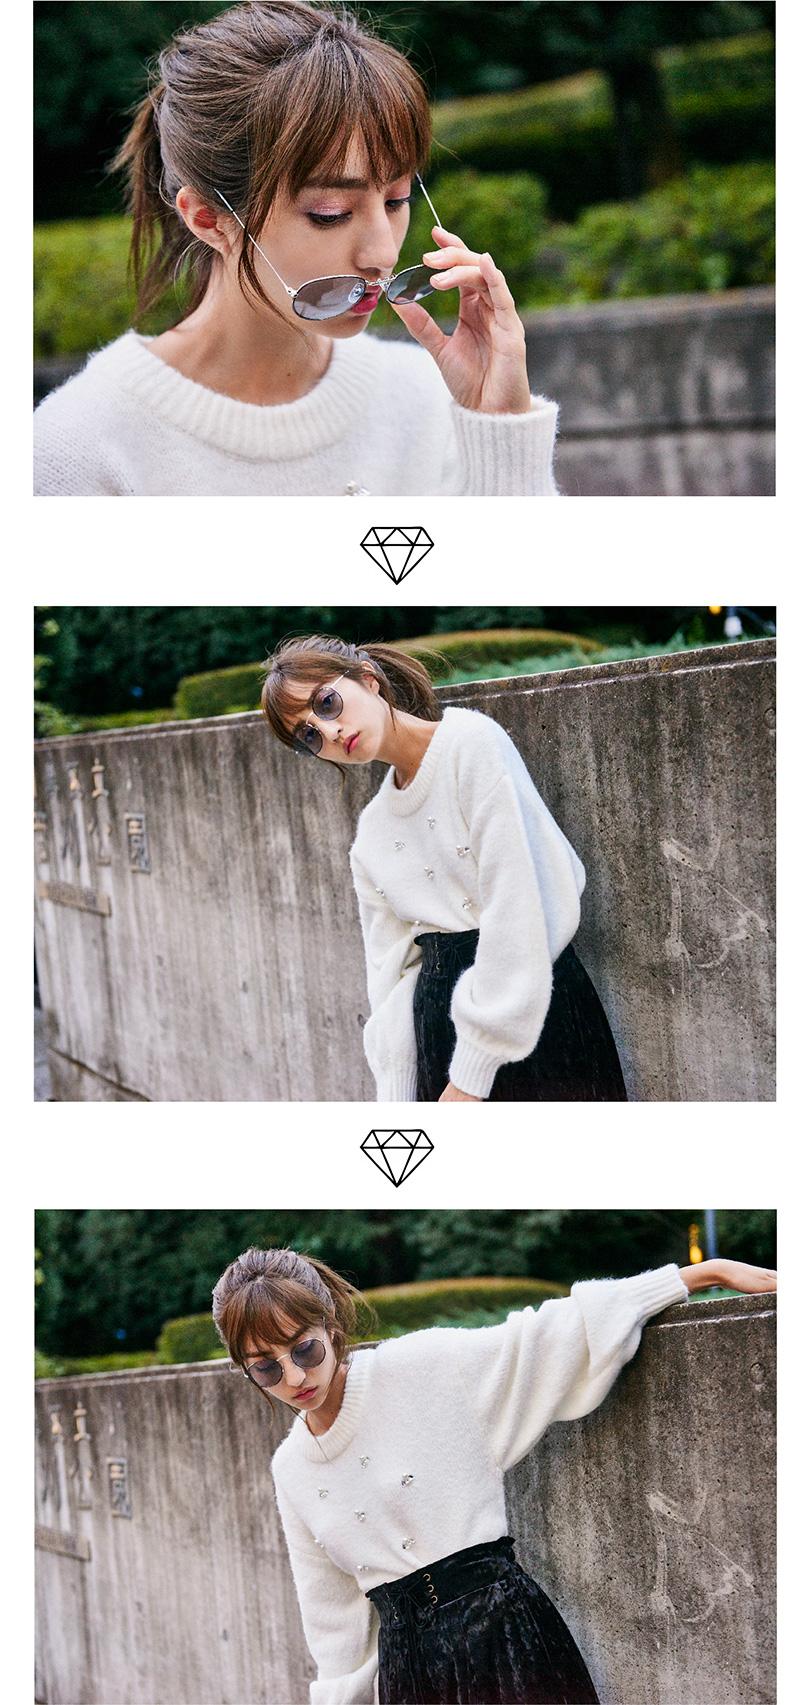 堀田茜の素顔にクローズアップ。才色兼備な彼女のモデルライフを大公開♡